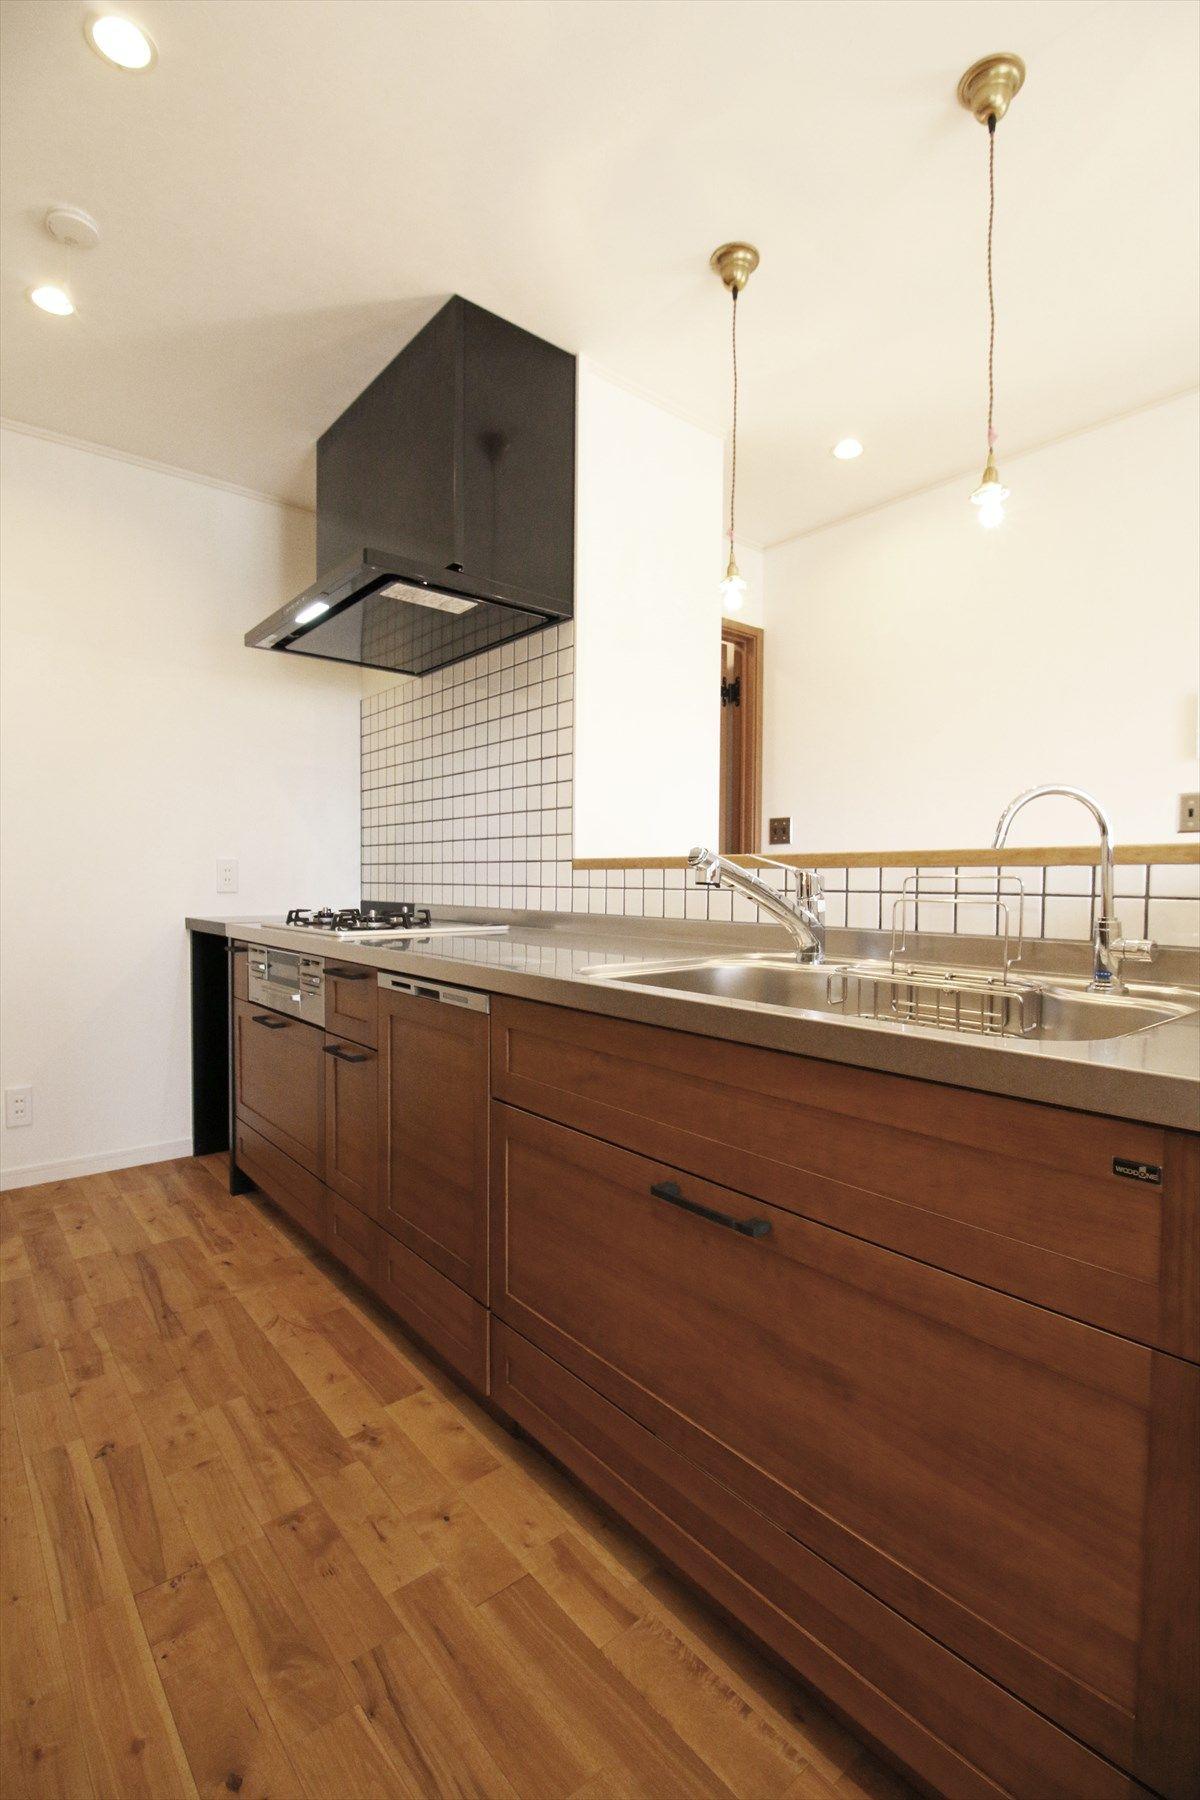 木のキッチン タイル ペンダントライト 無垢材 ナチュラル シンプル インテリア 注文住宅 Kitchen Wood Tile Light Natural Simple Interior House ジャストの家 Justnoie 家 キッチン キッチン床